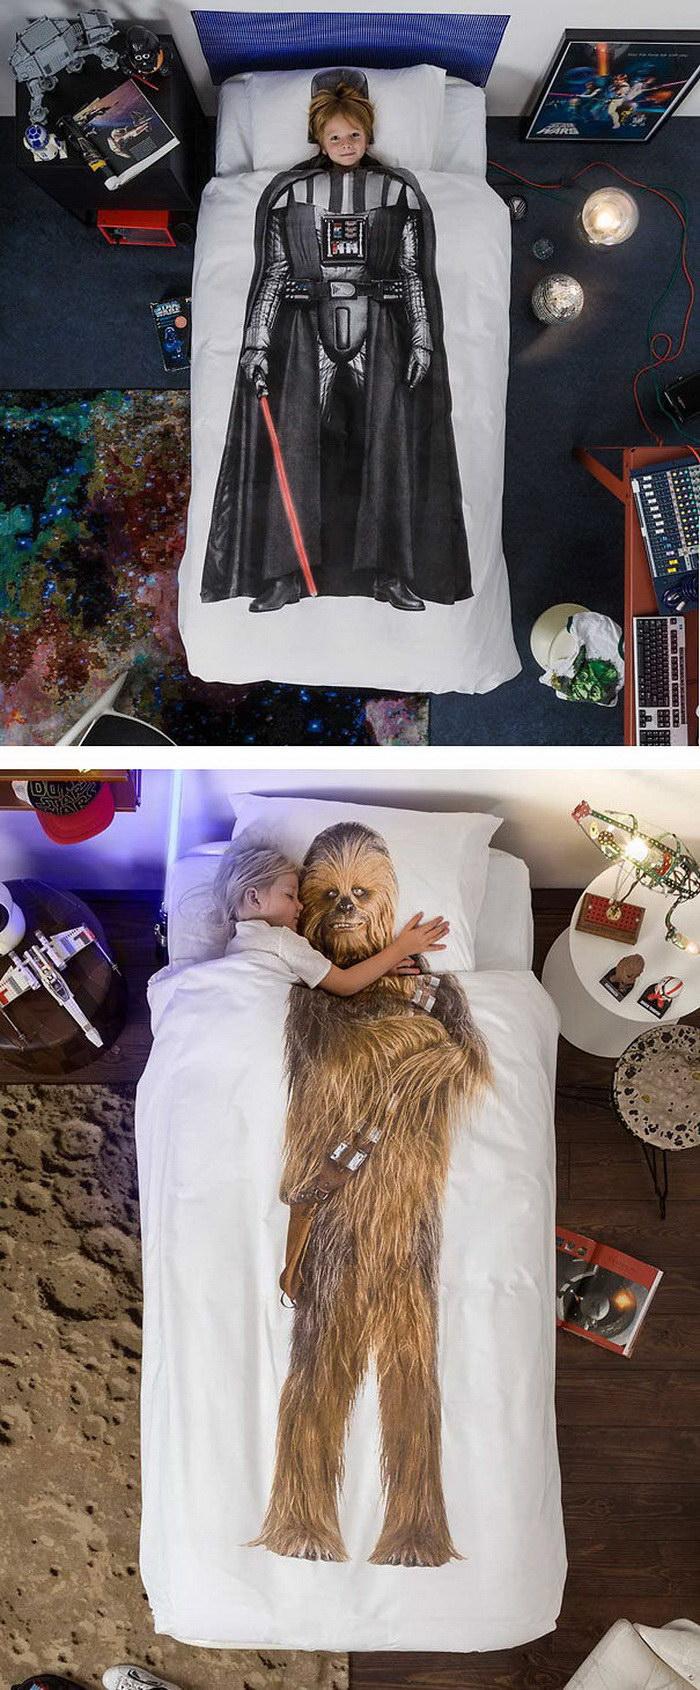 Звездные Войны: 20 тематических подарков для фанатов саги